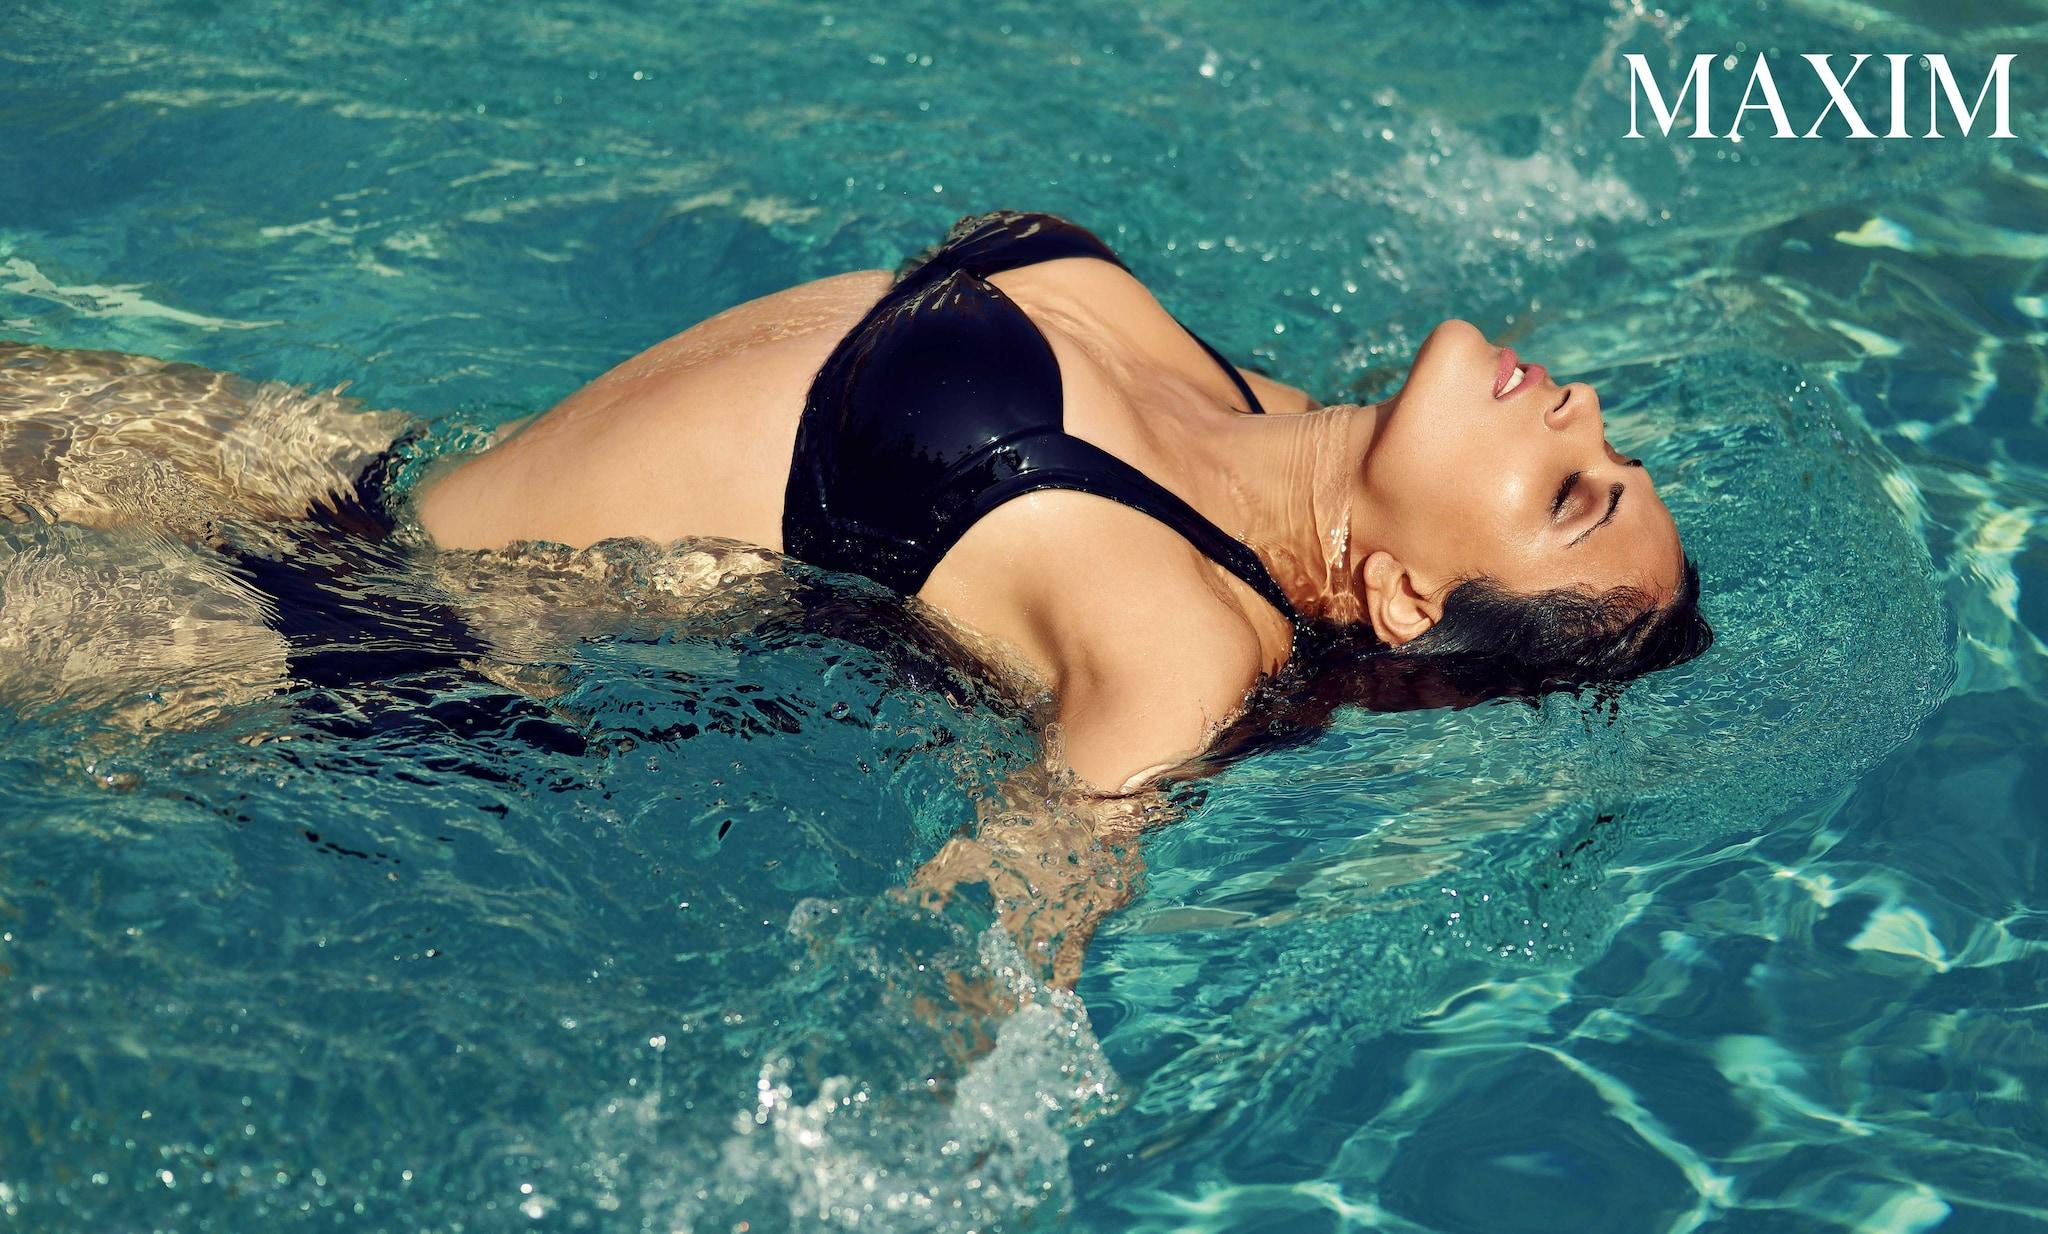 హాట్ బ్యూట్ రిచా చడ్డ మ్యాగ్జిమ్ ఫోటోషూట్, Photo: Maxim Magazine